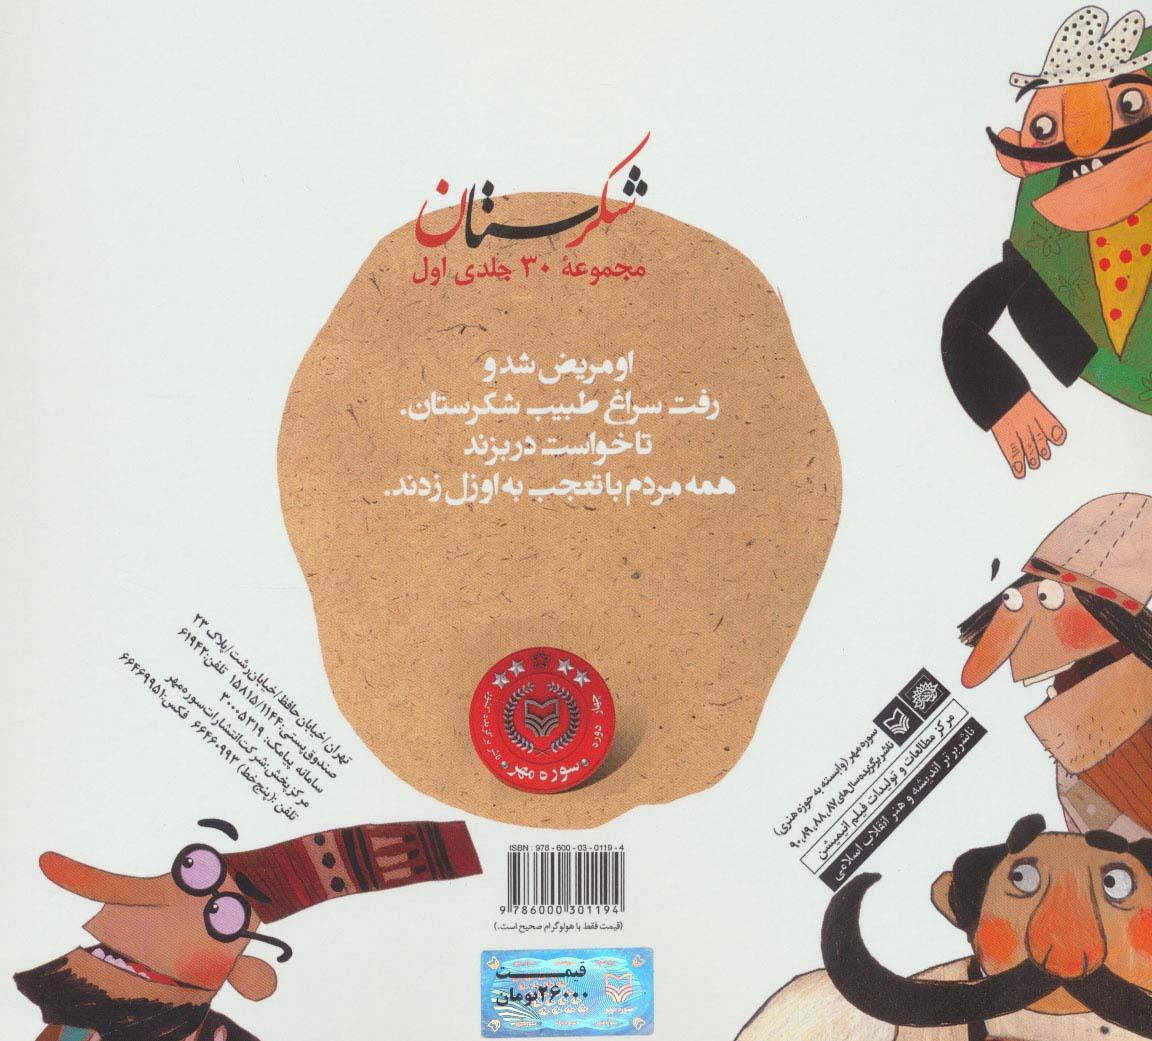 شکرستان و یک داستان (مریض بی پول)